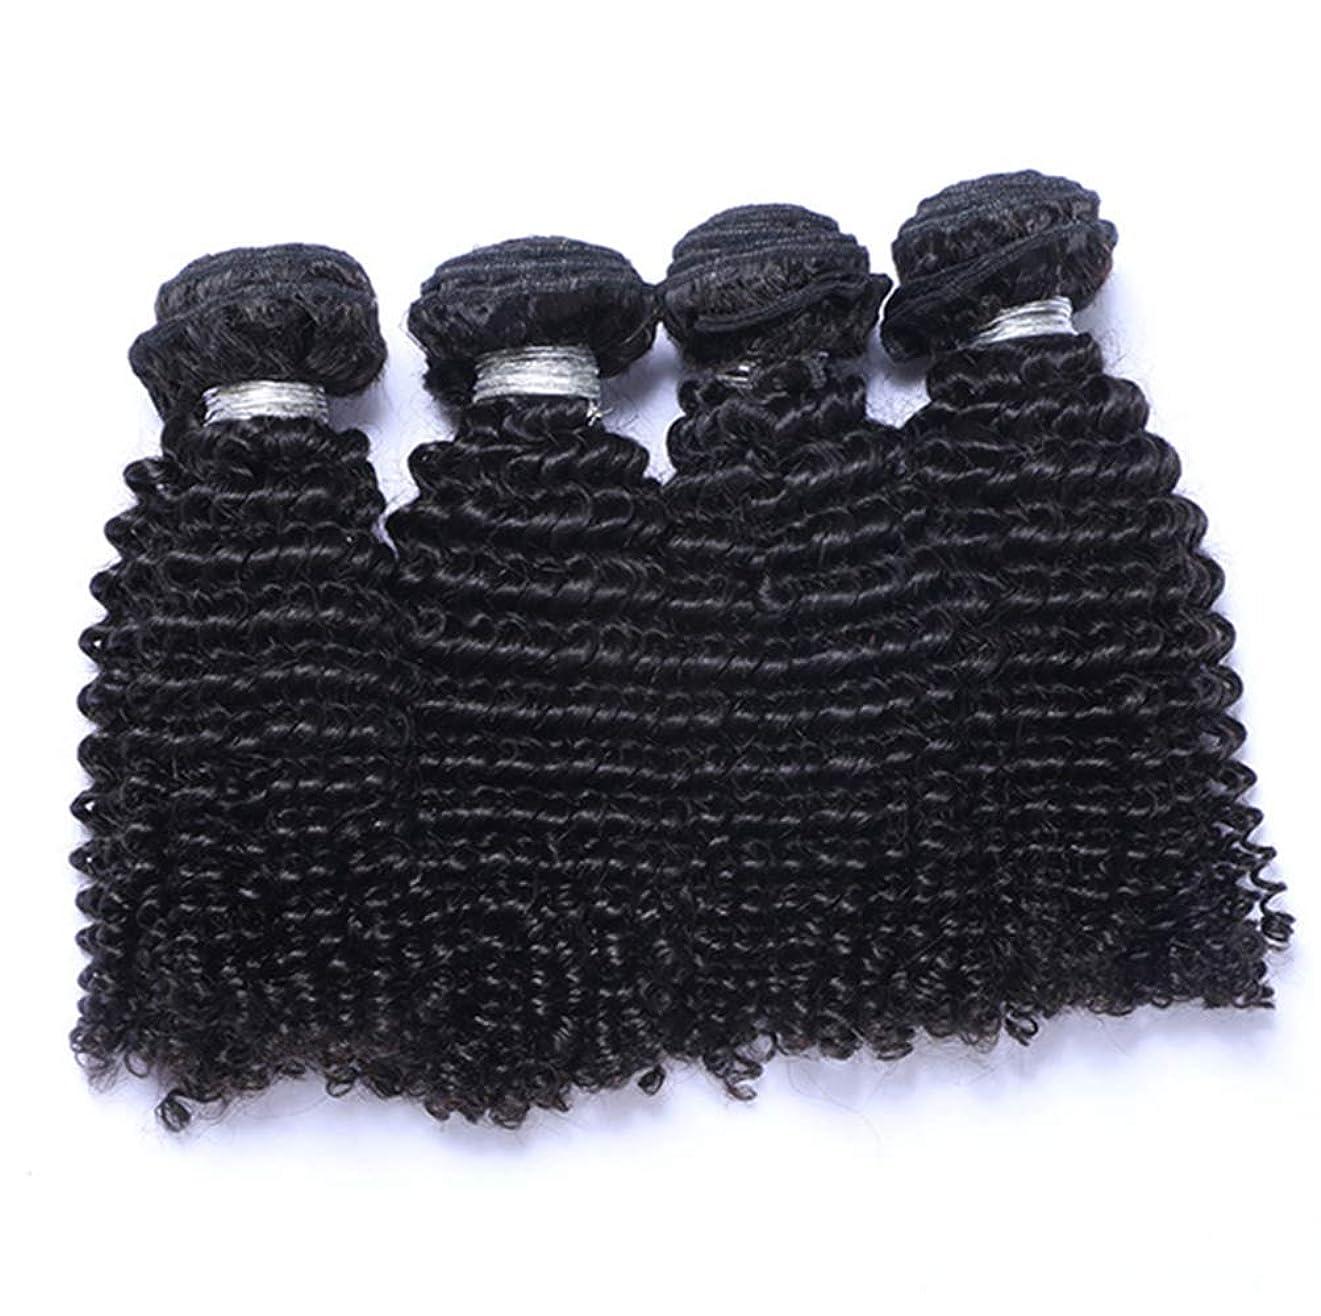 事実上先貧困髪織り未処理ブラジルディープカーリーヘアバンドル本物の人間の髪バンドルバージンブラジル髪バンドル1ピース/パックナチュラルカラー